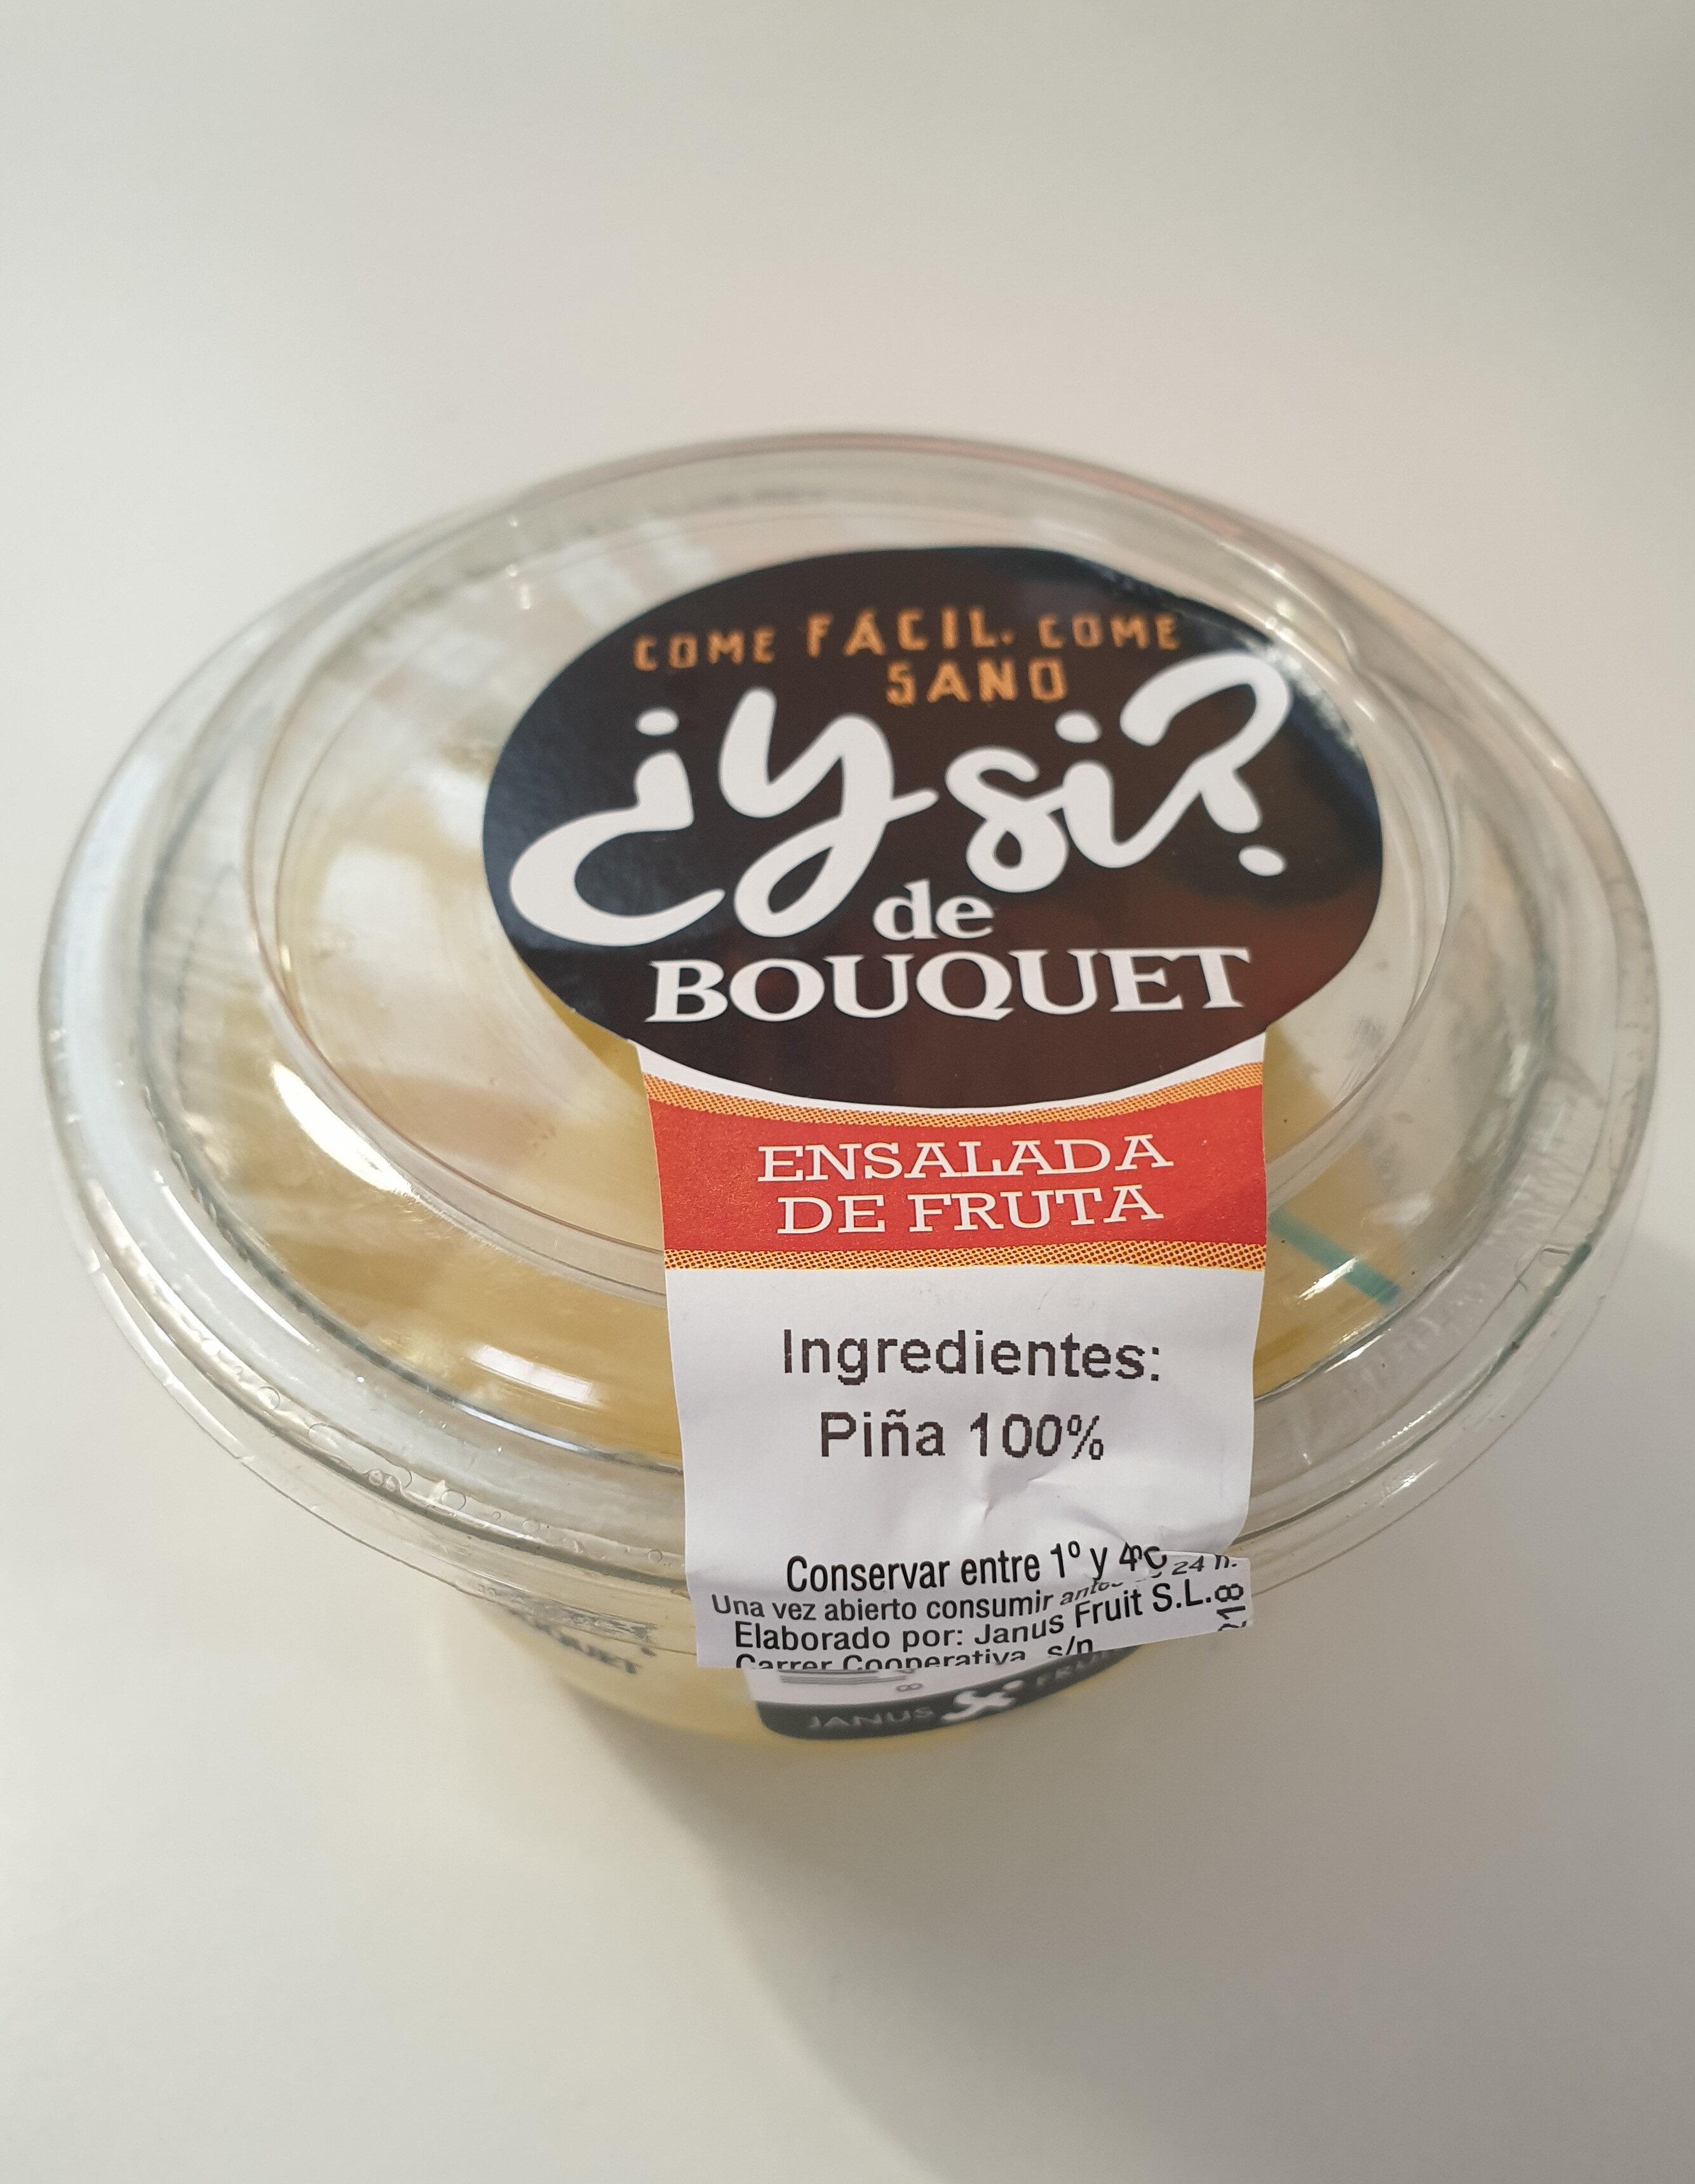 Ensalada de fruta - Product - es